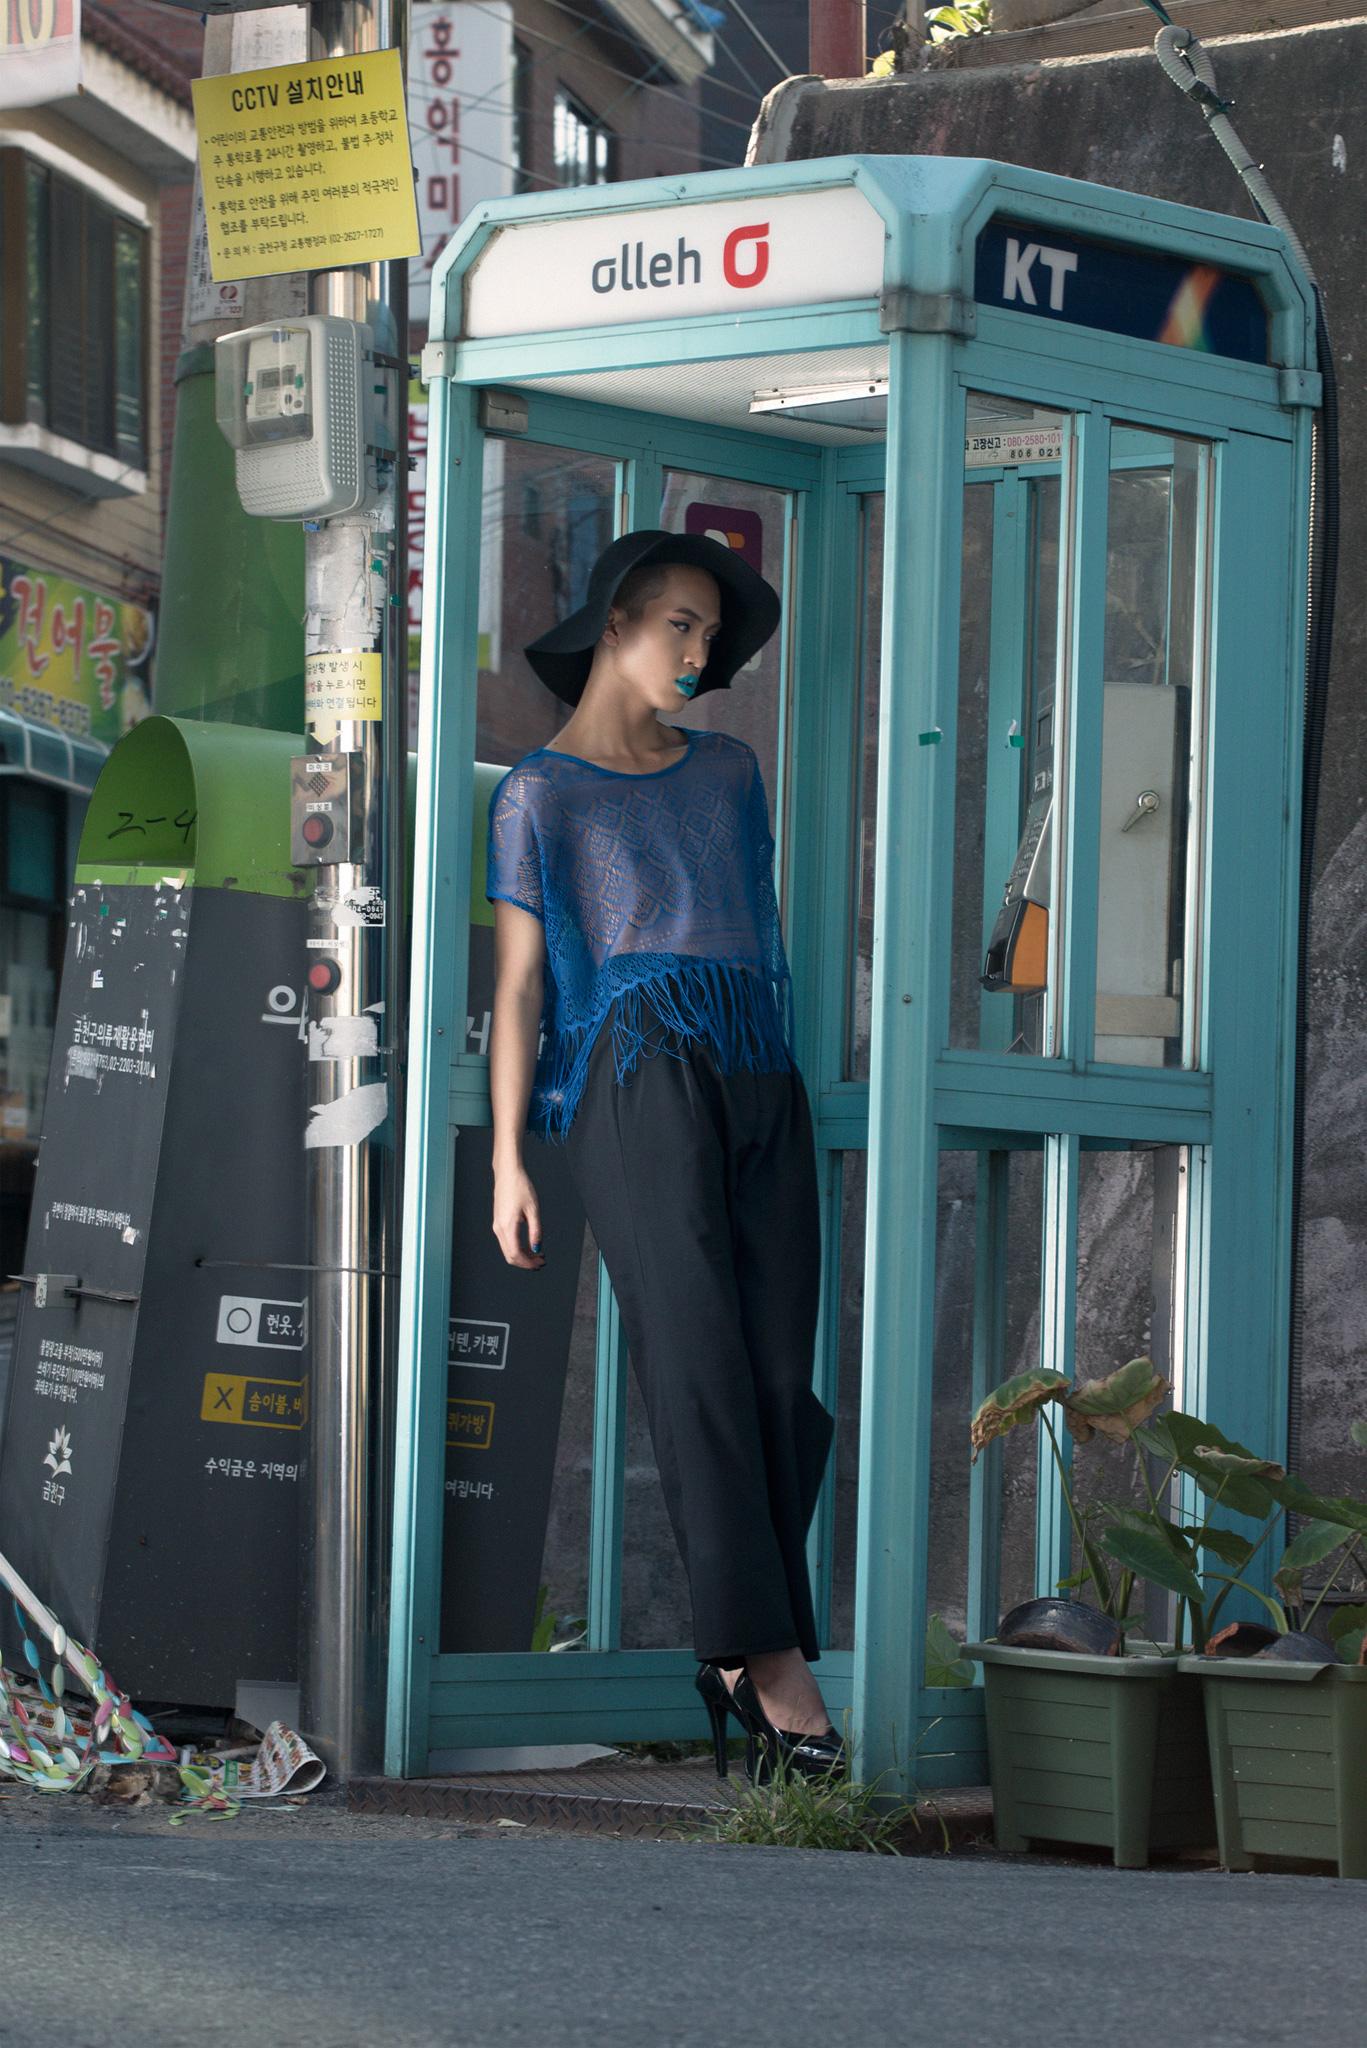 greenville-commercial-fashion-photographer-jorge-gonzalez-hae-jun-2